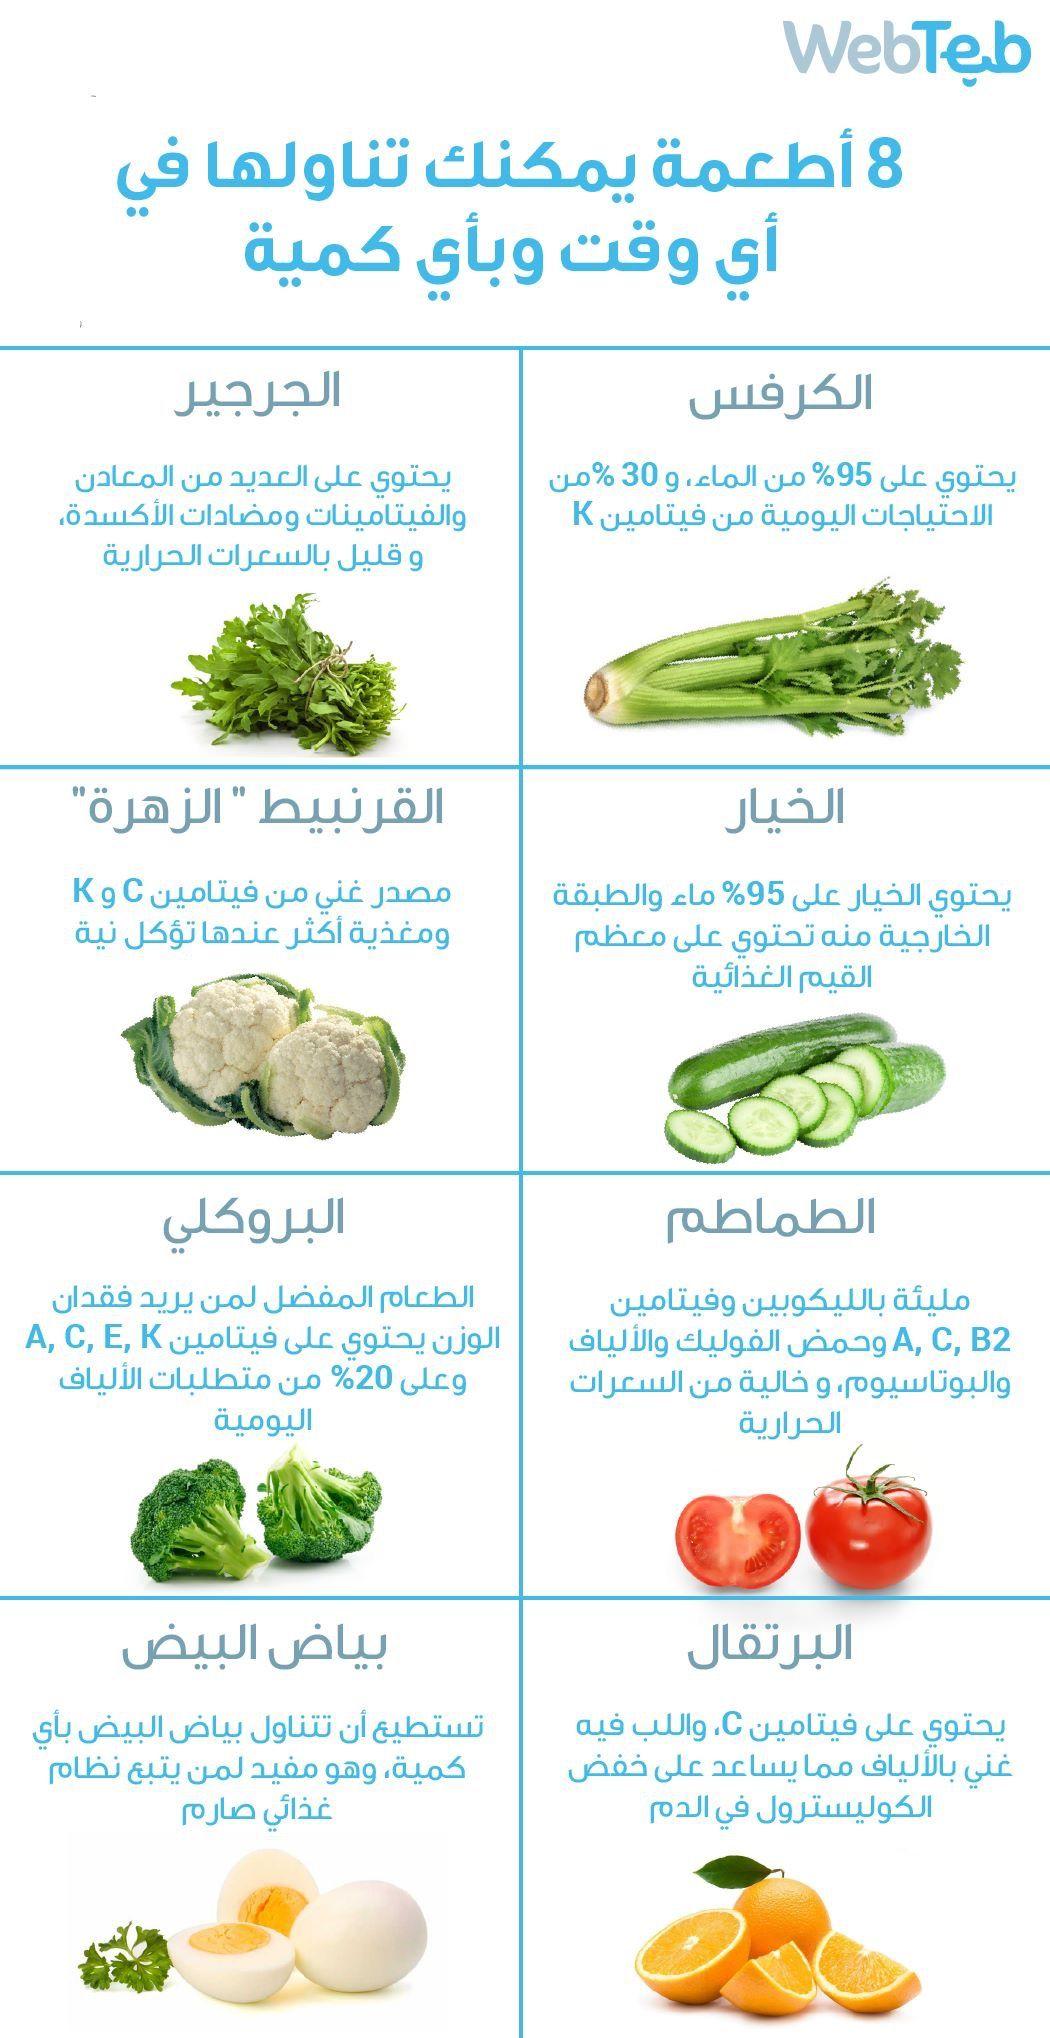 Pin By Bder Ghamdi On صحة Health Fitness Food Health Fitness Nutrition Health Facts Food